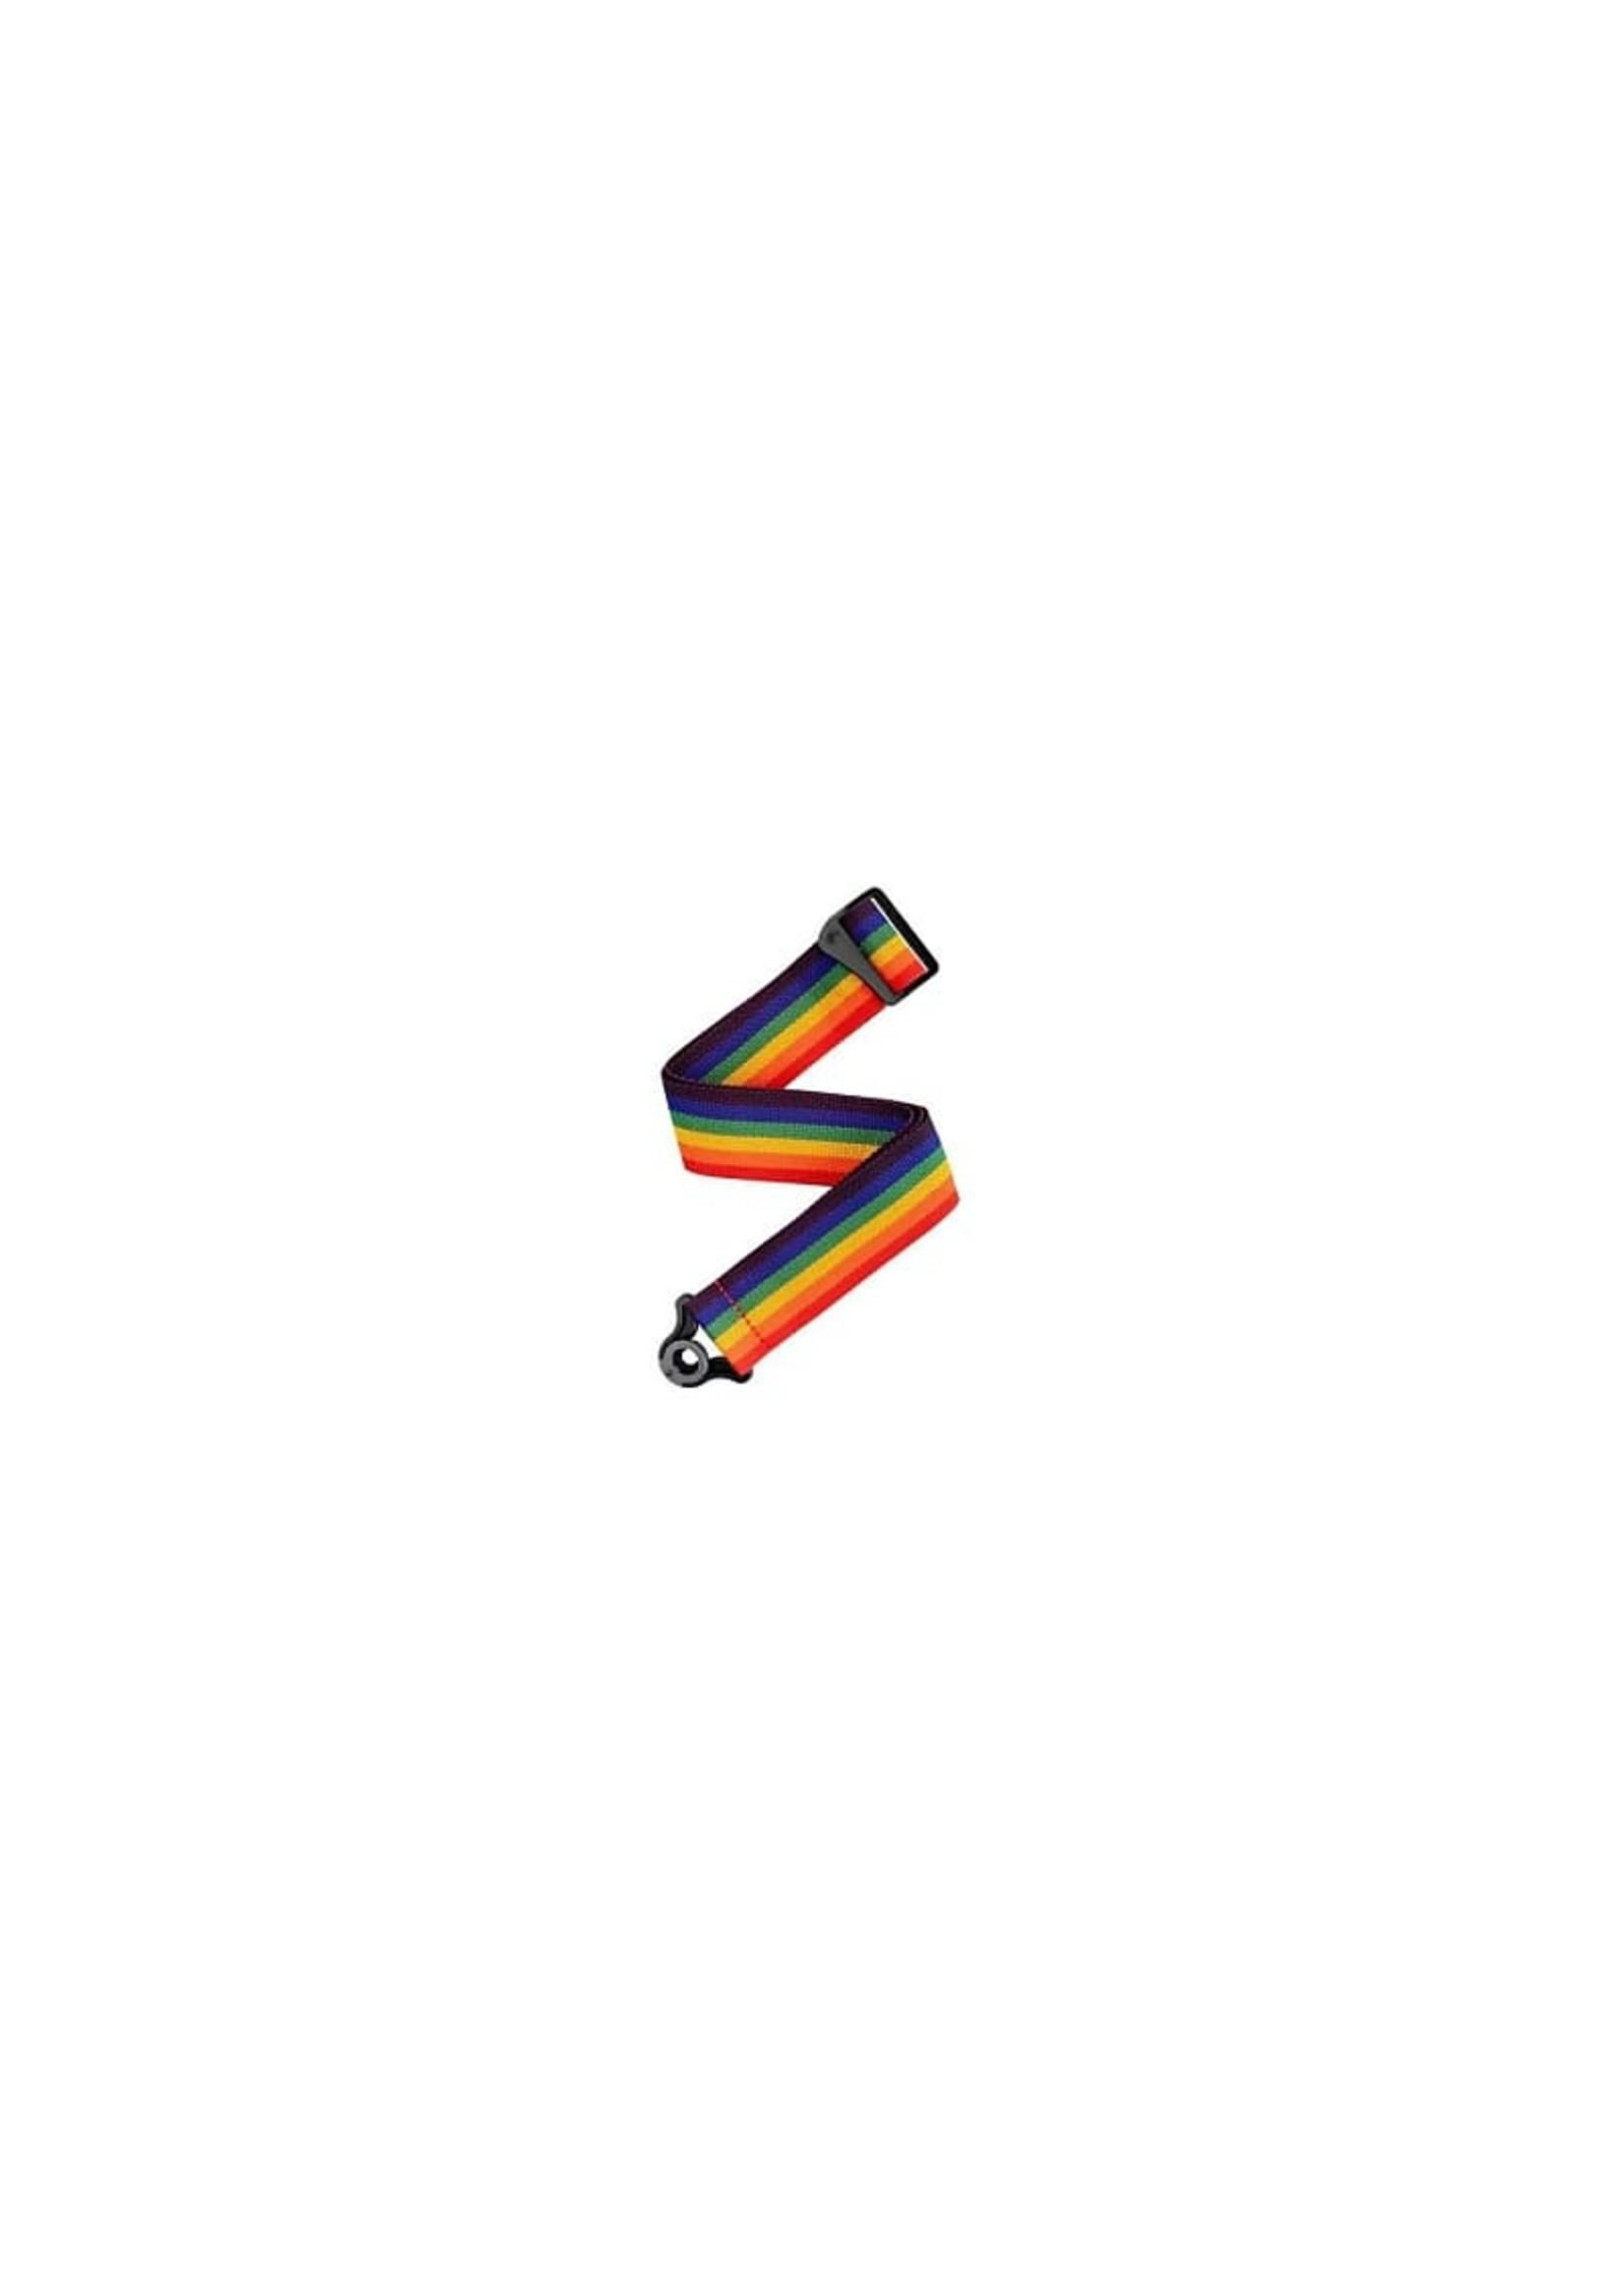 D'Addario D'Addario Auto Lock Guitar Strap - Rainbow